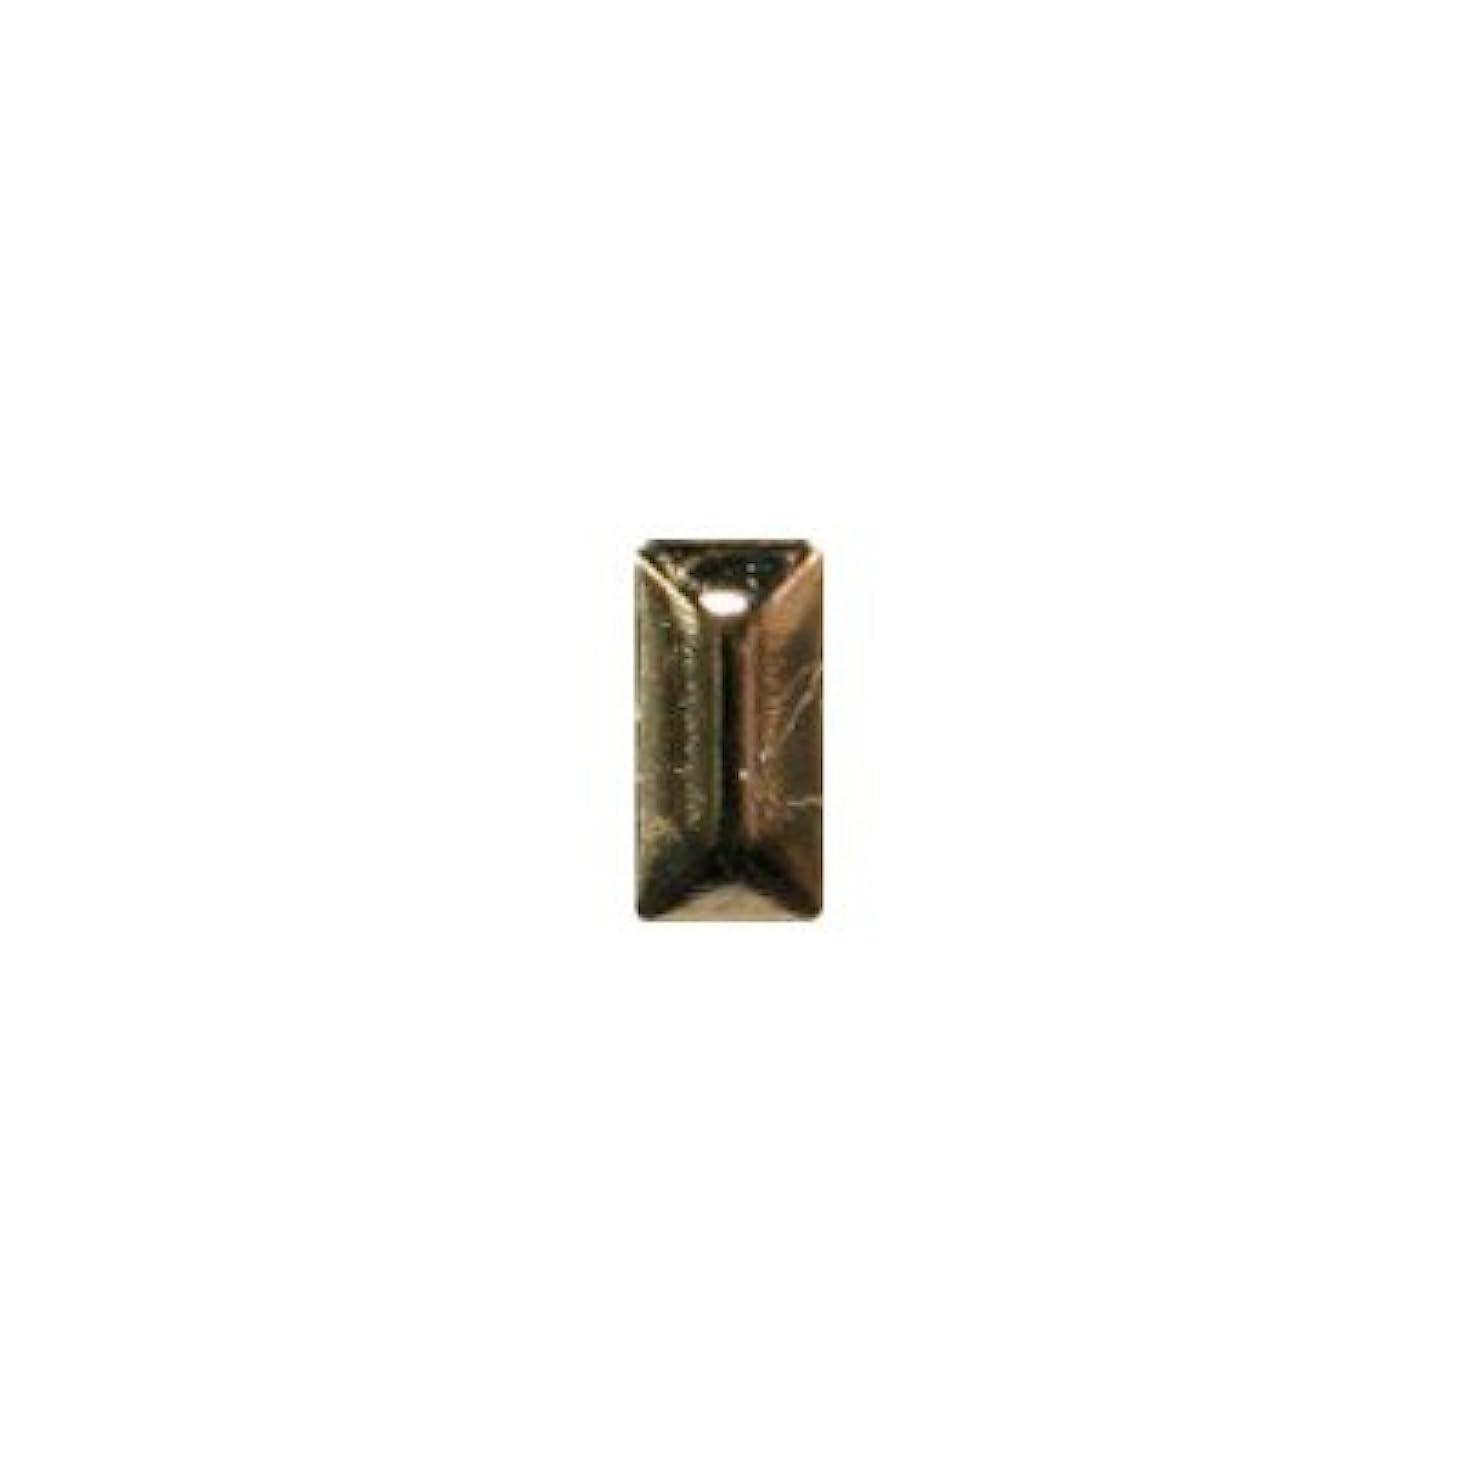 コスチューム壊れたメンタリティピアドラ スタッズ メタル長方形 2×4mm 50P ゴールド